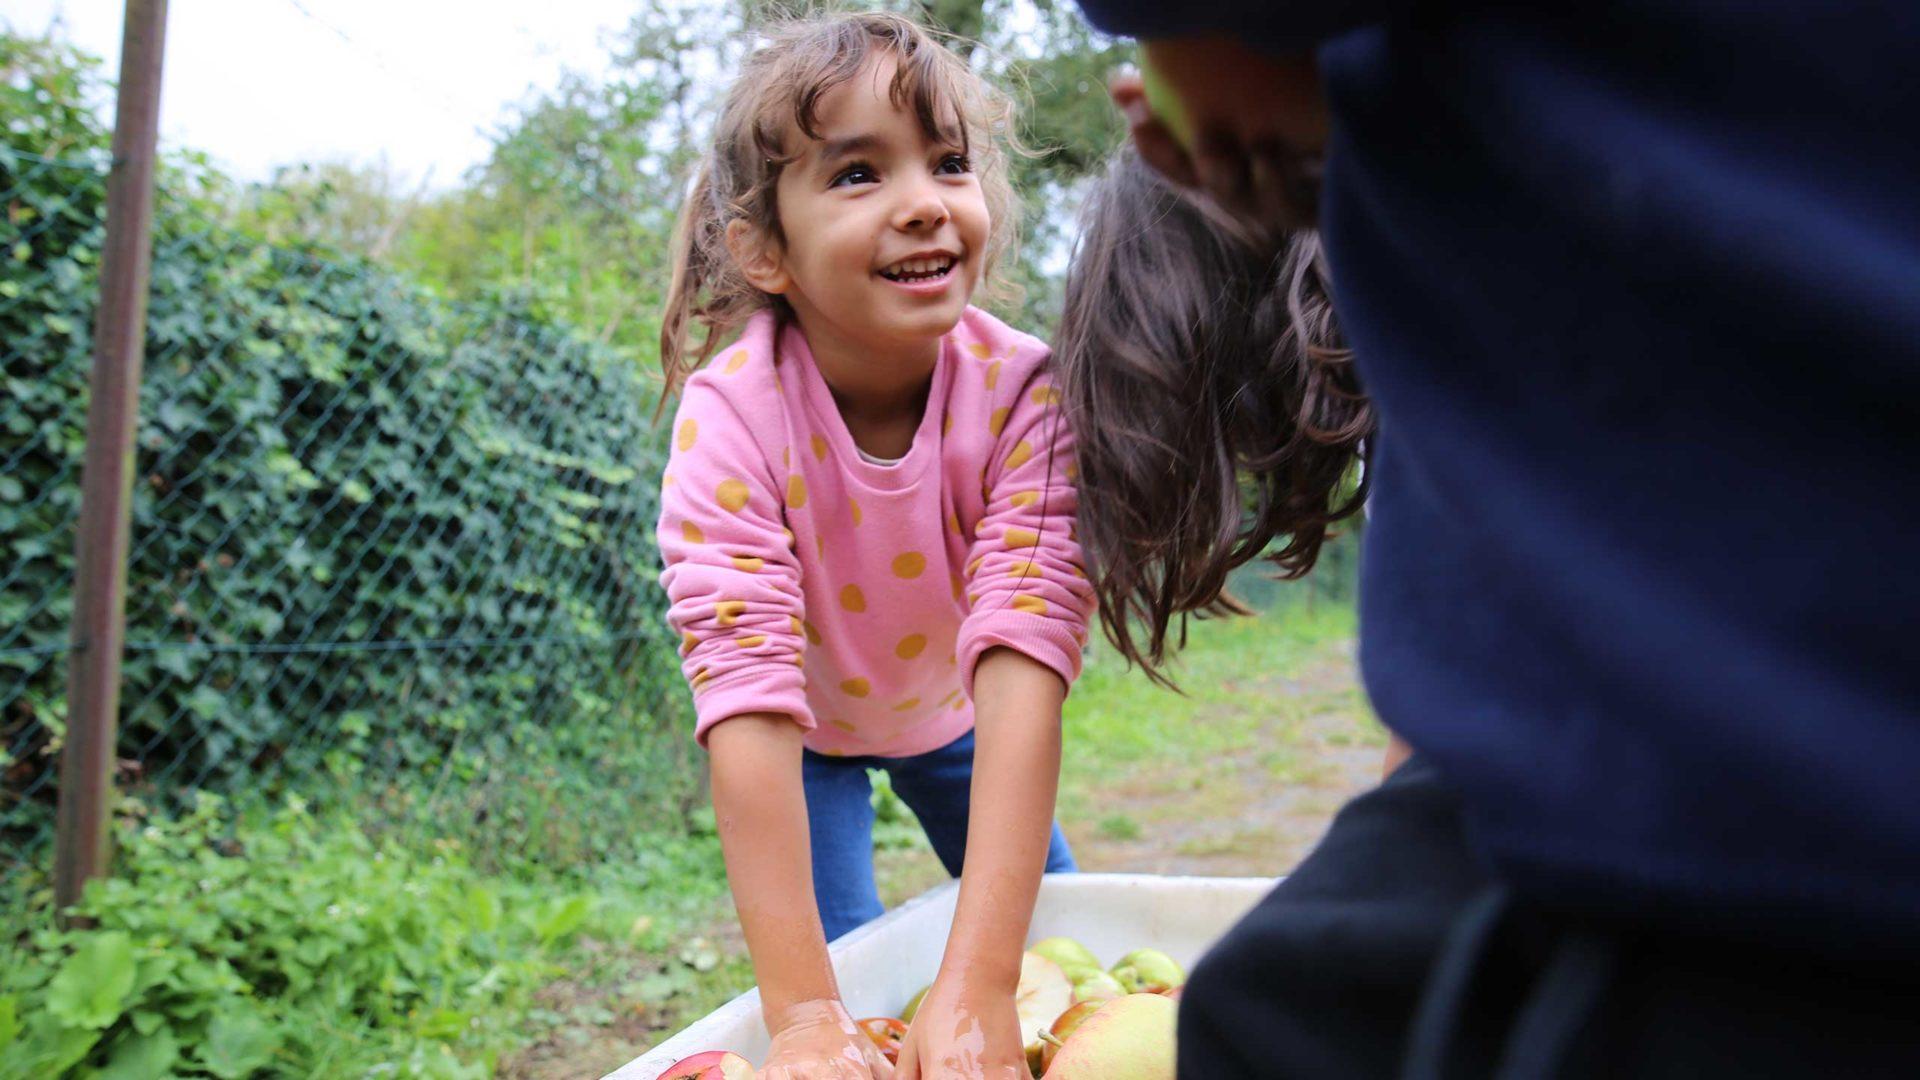 Bei der MILK. Mahlzeit Aktion werden die Steuobst-Äpfel gewaschen.